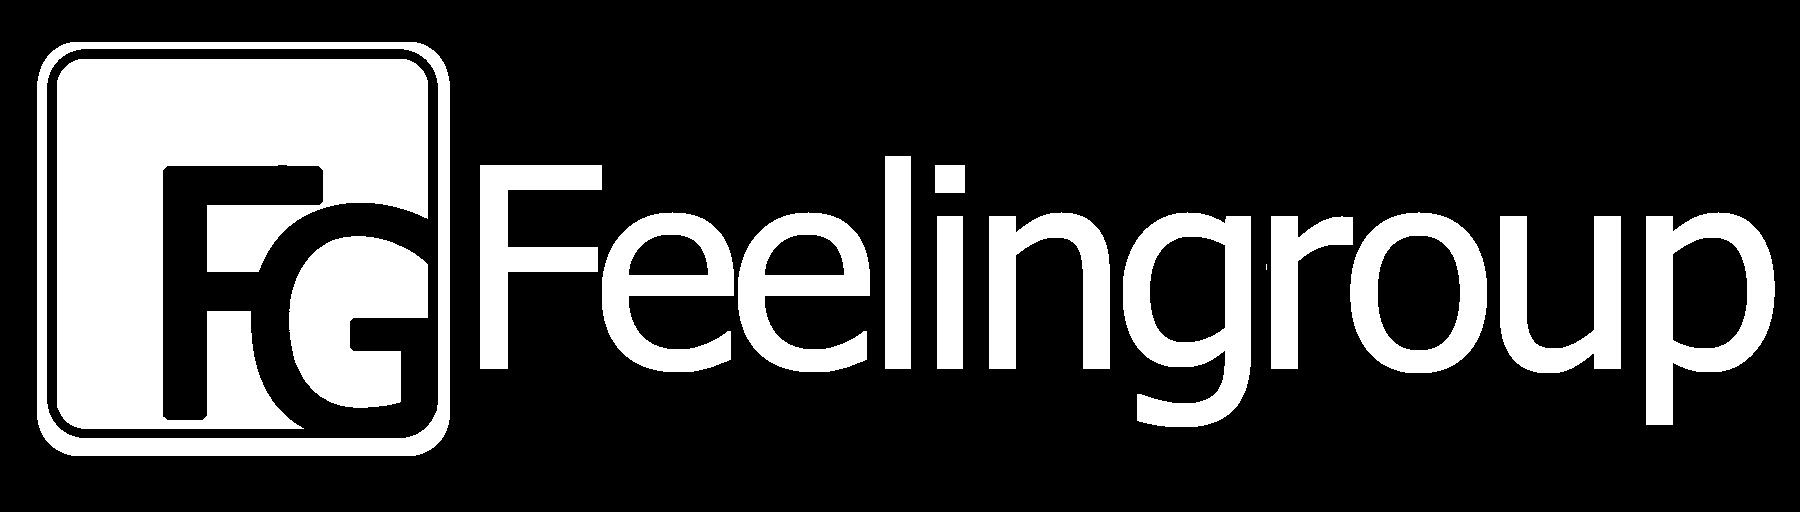 フィーリングループサイトリンク